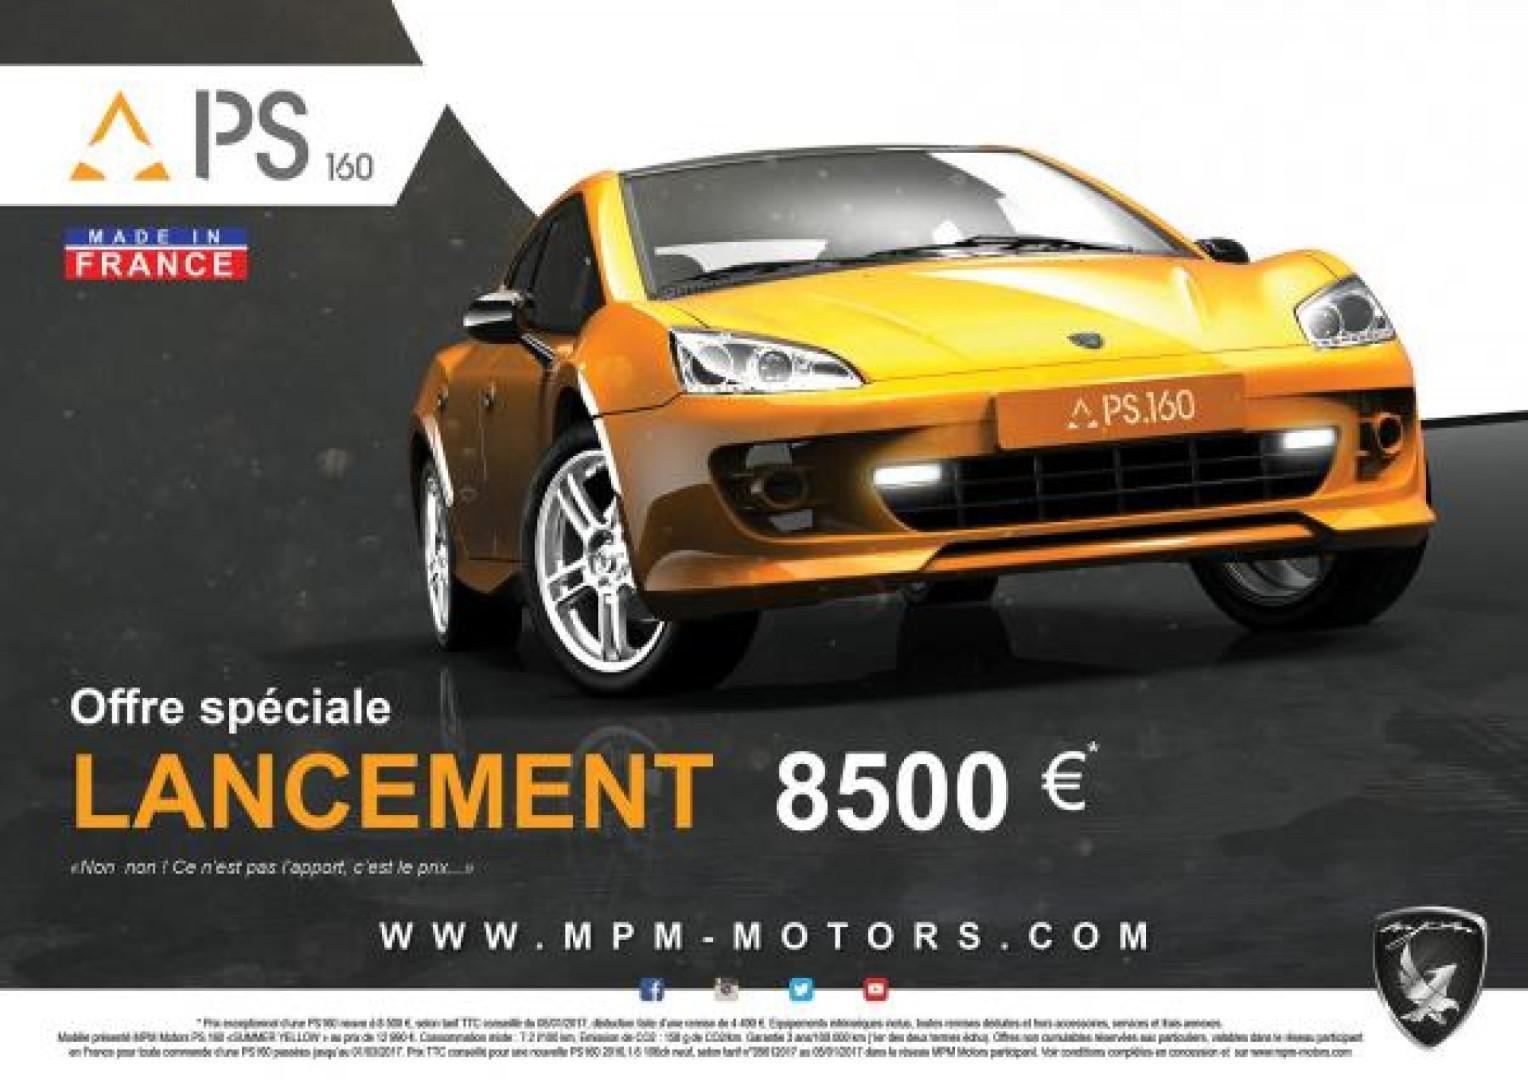 Connaissez-vous cette voiture française MPM SP160 ??